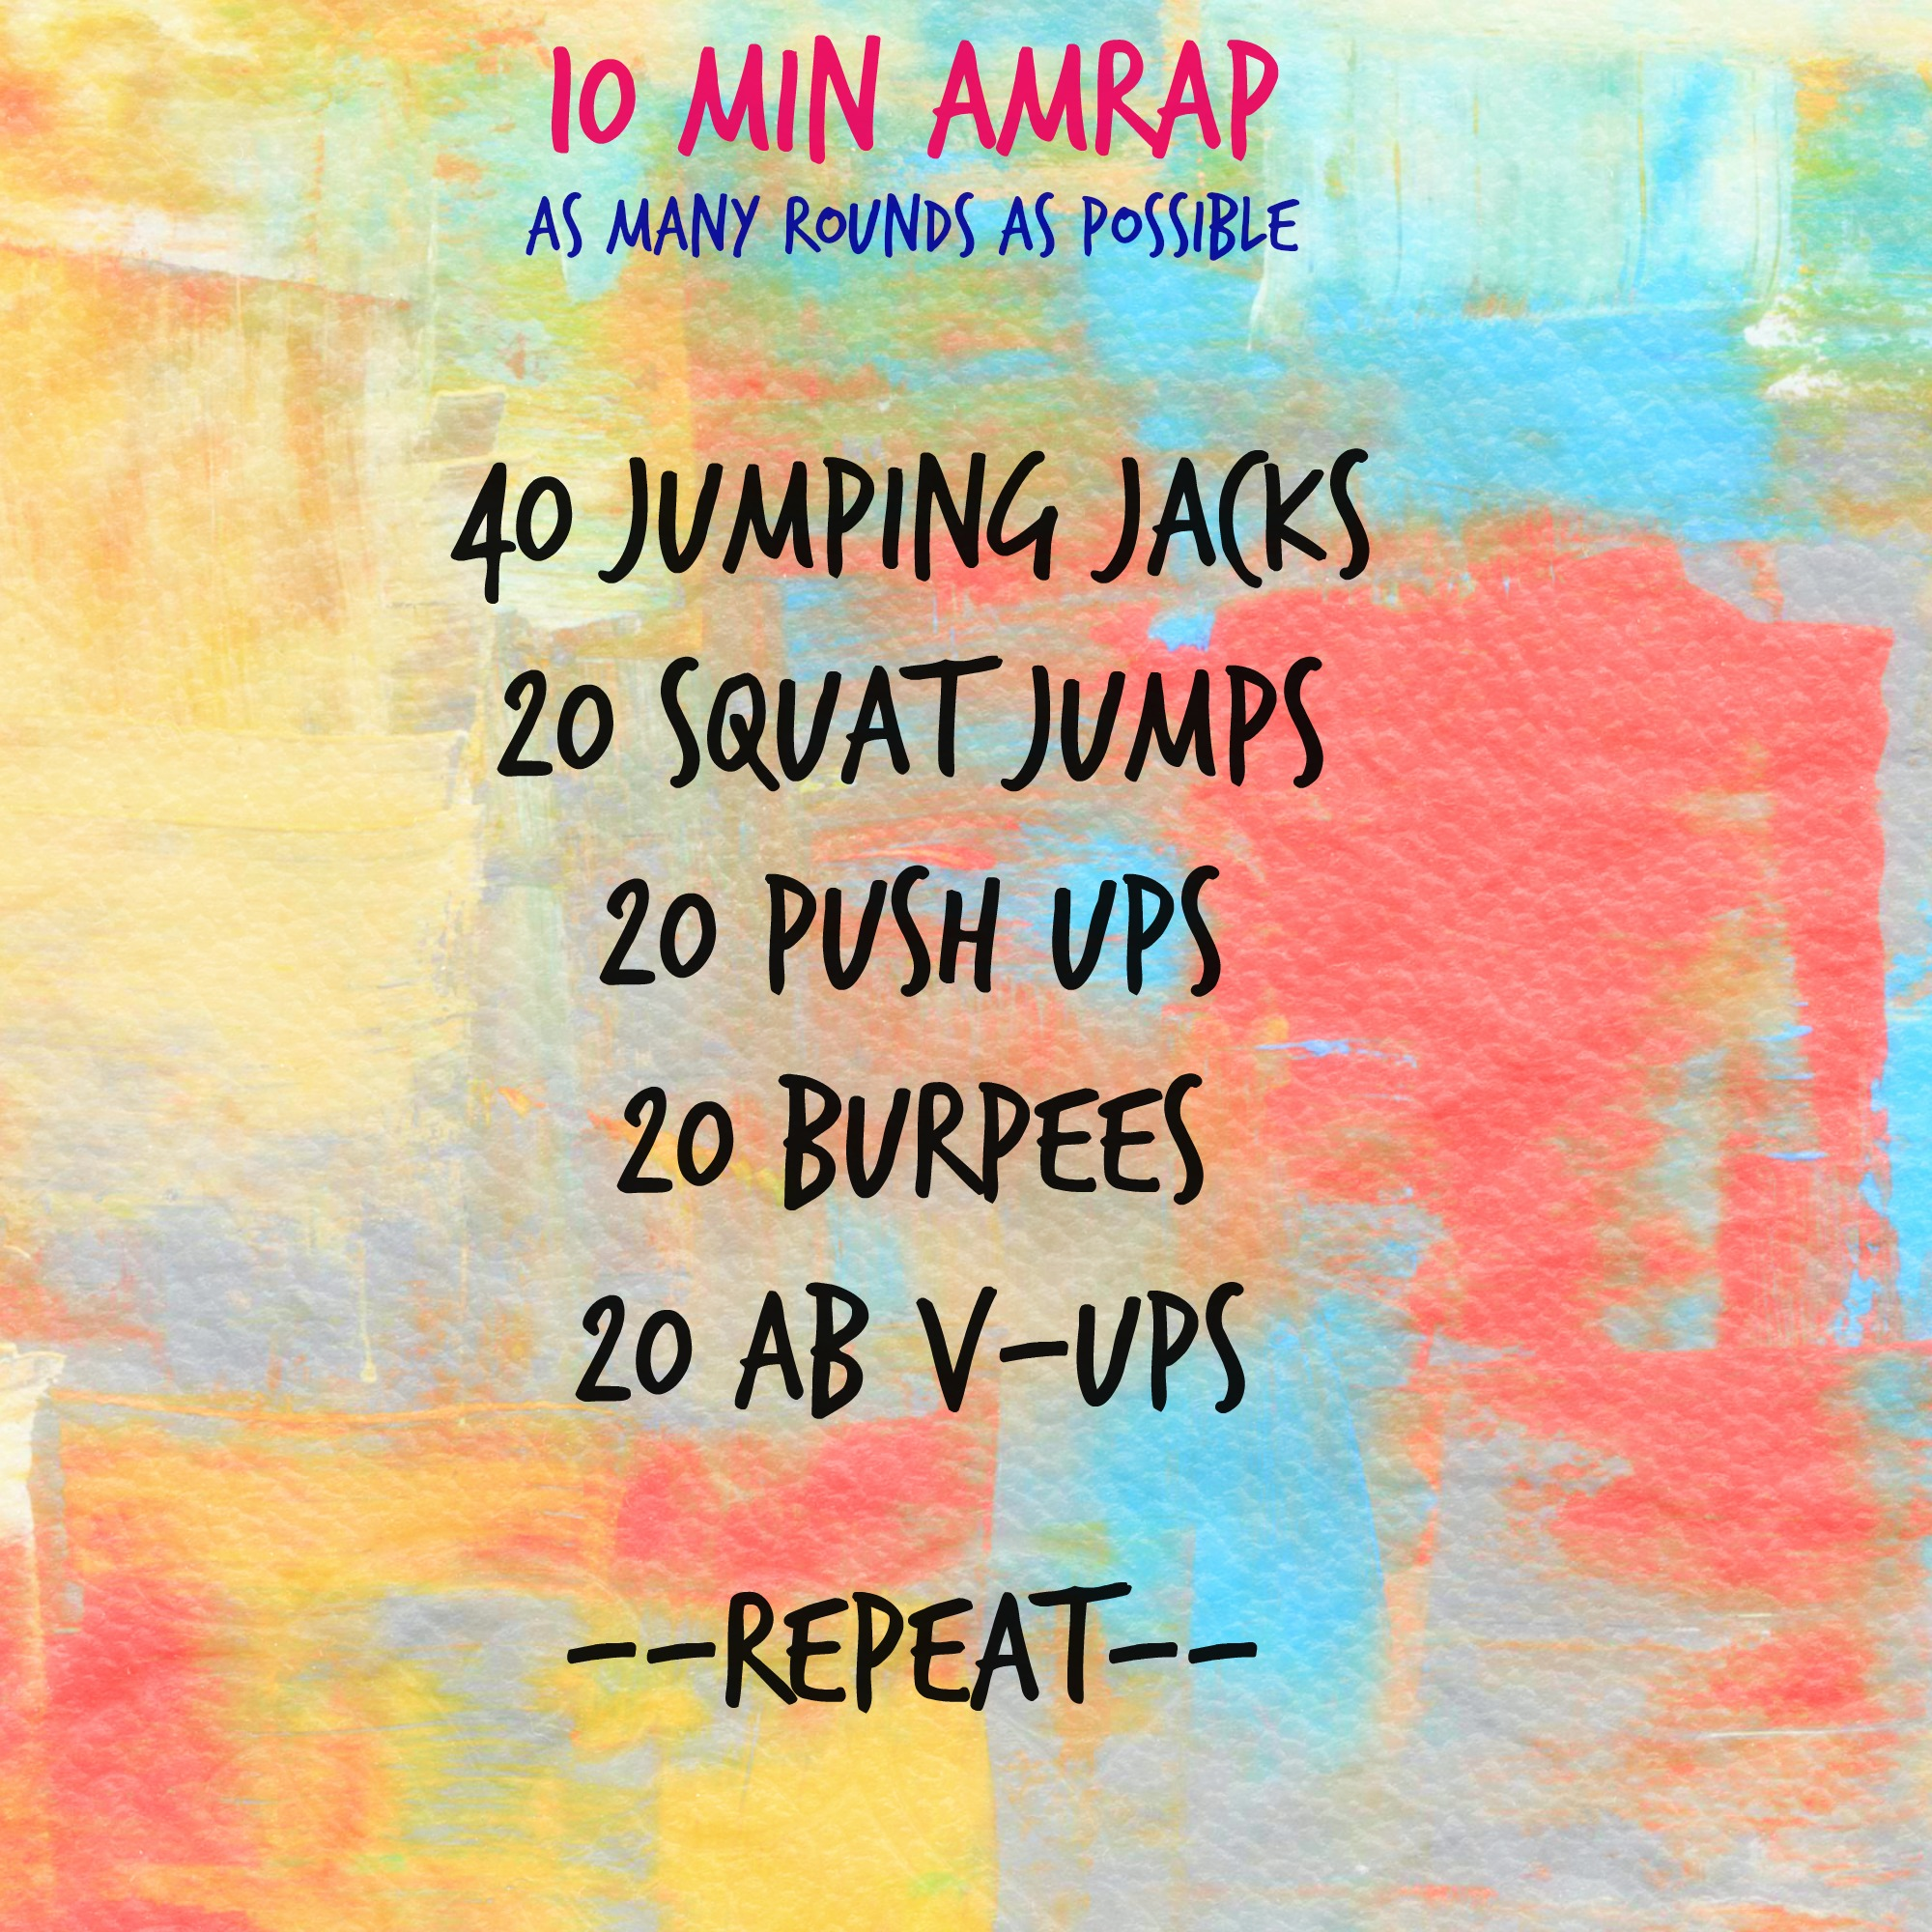 10 Min High Intensity Workout